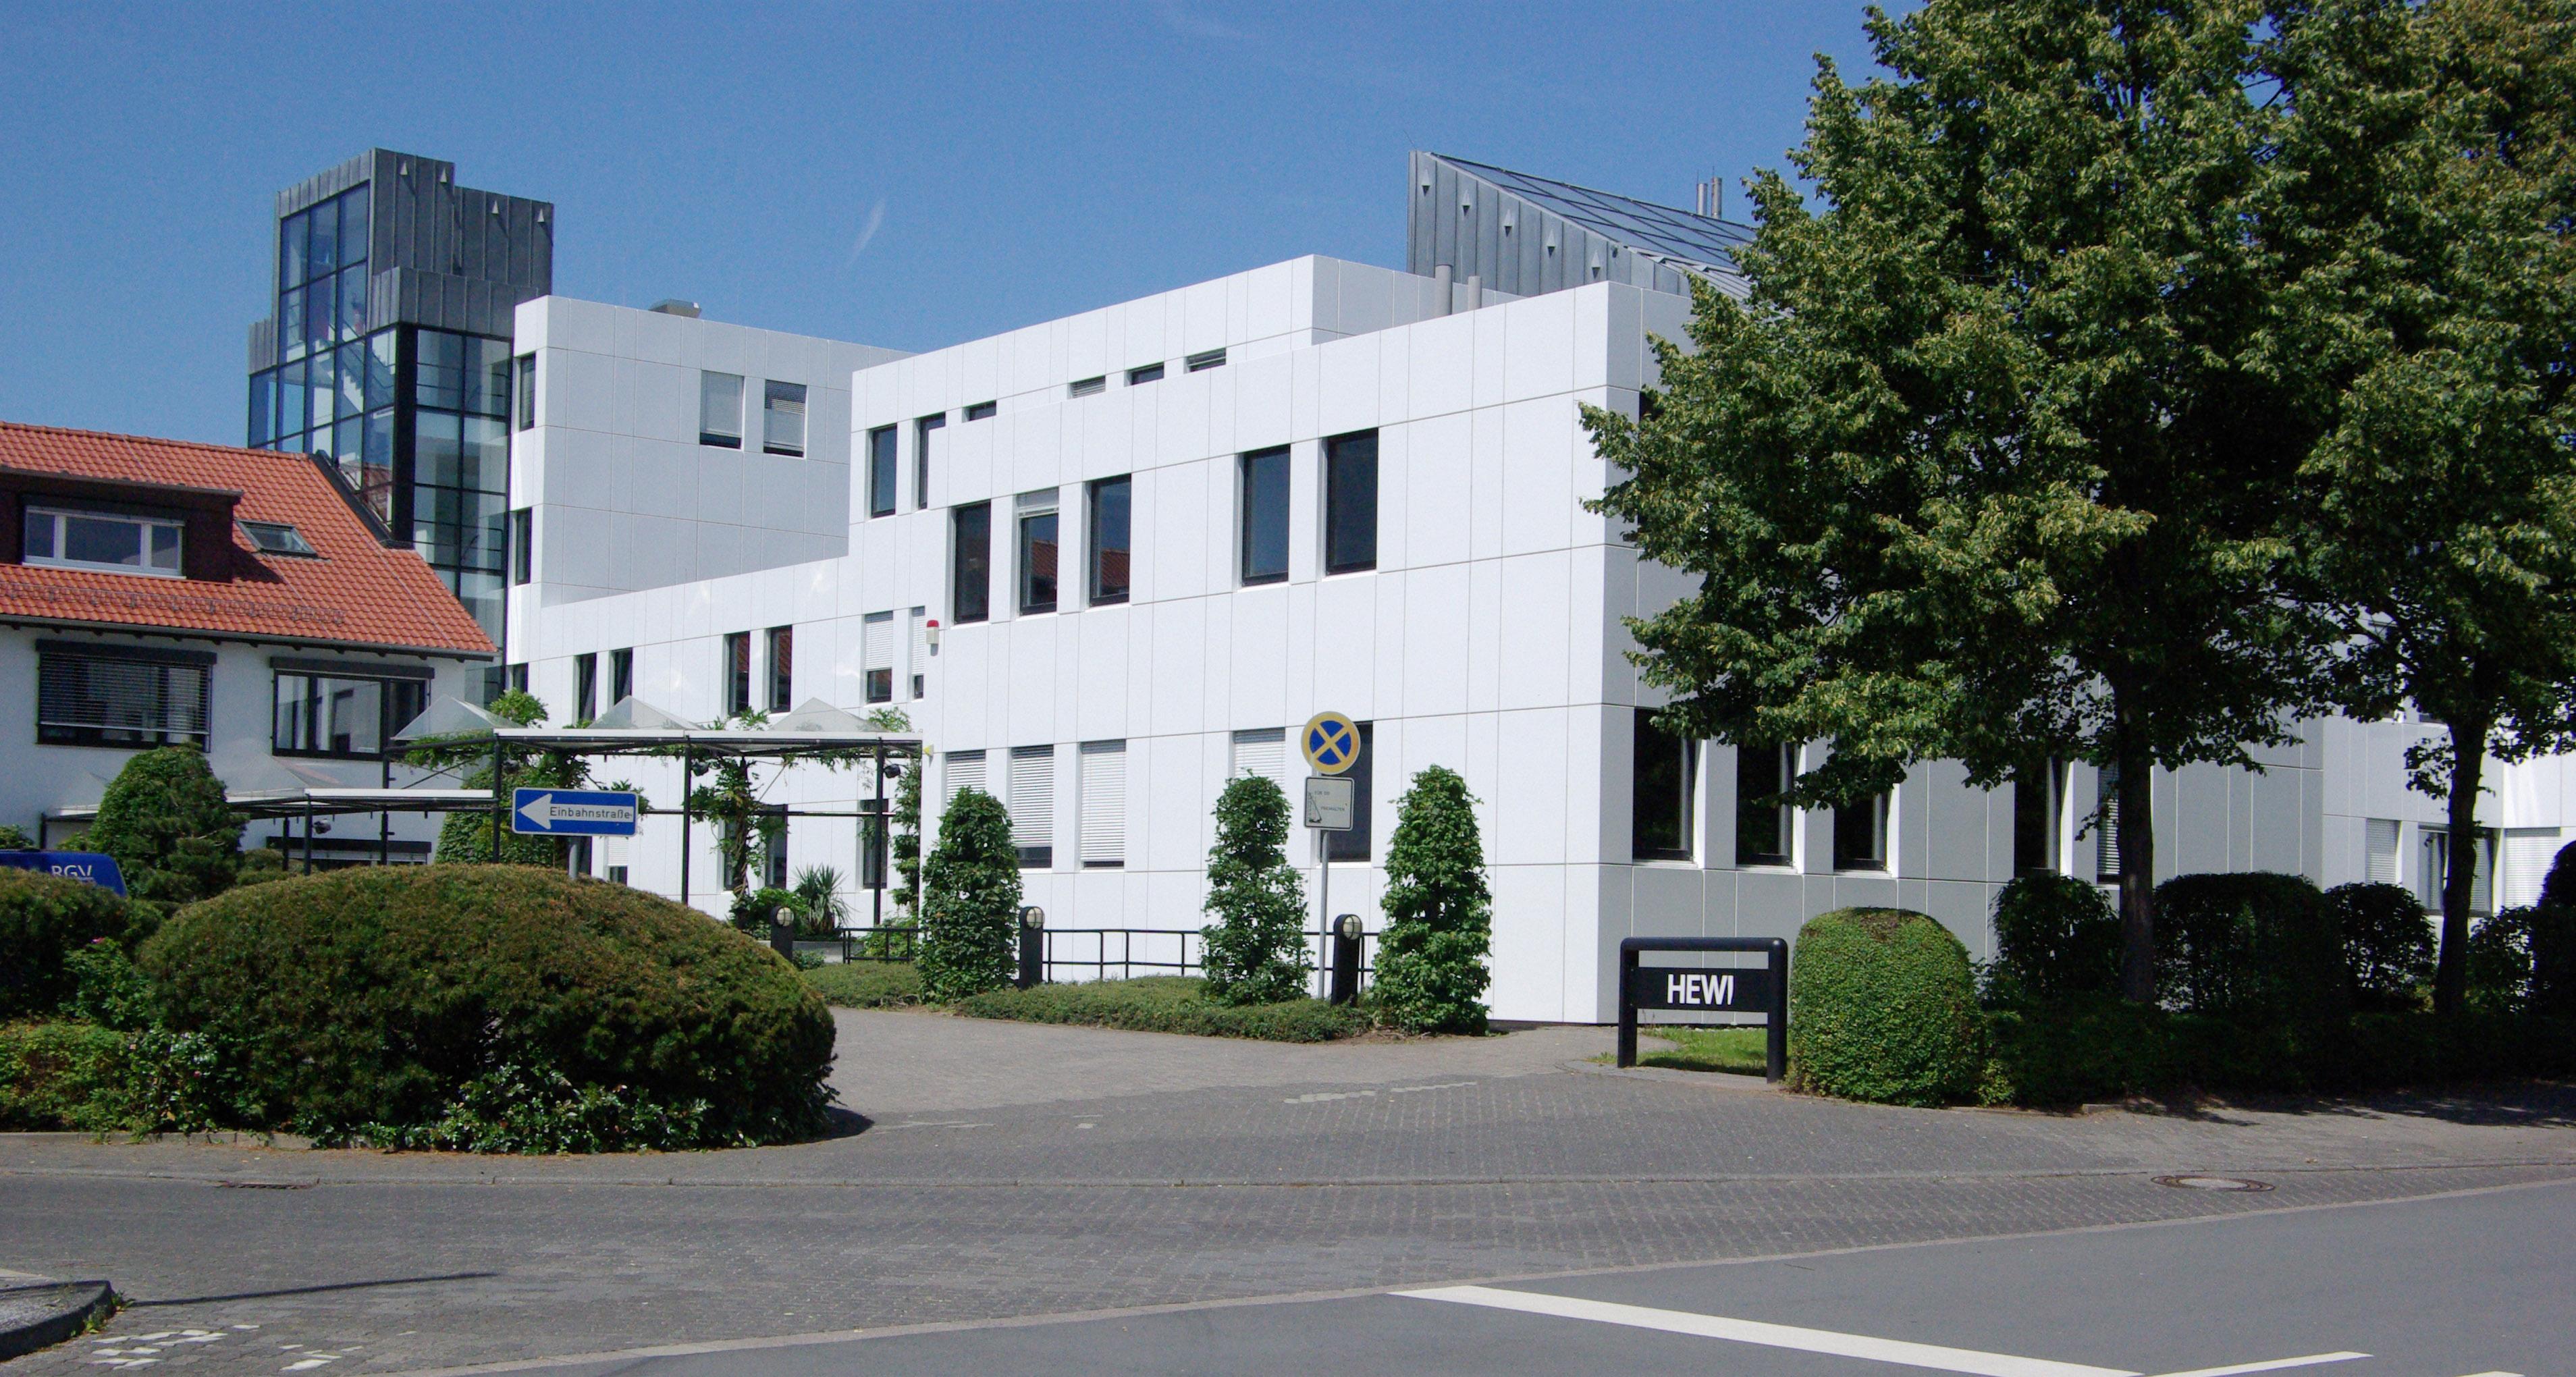 Datei:HEWI Verwaltungssitz.jpg – Wikipedia